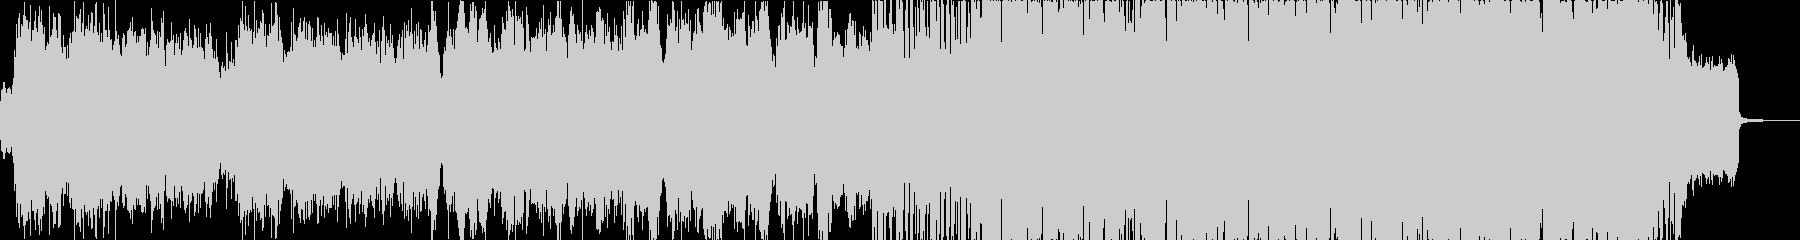 チャックマンジオーネ風トランペット曲の未再生の波形